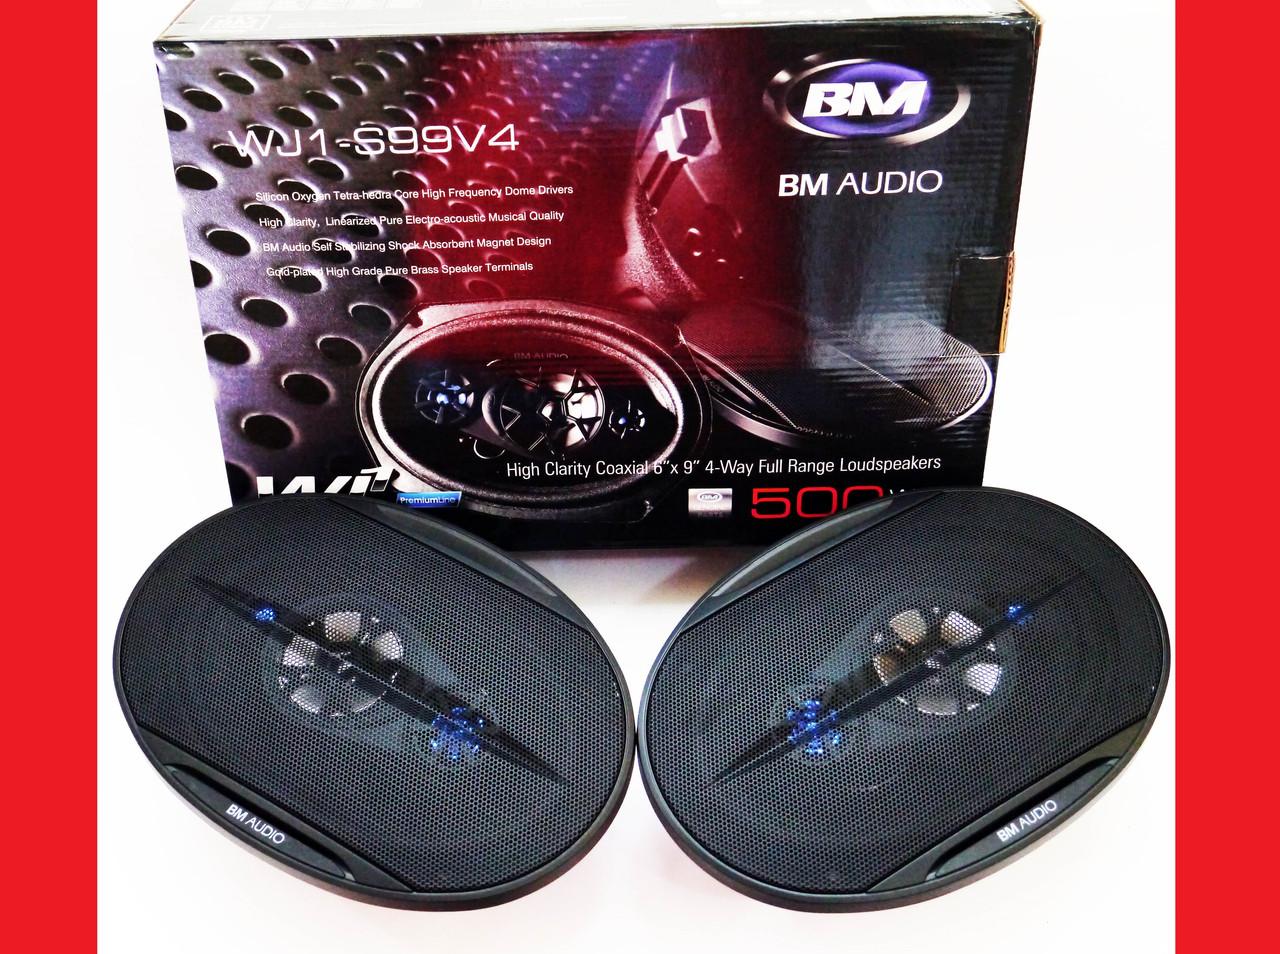 Автомобильная акустика BOSCHMANN BM AUDIO WJ1-S99V4 6x9 500W 4х полосная